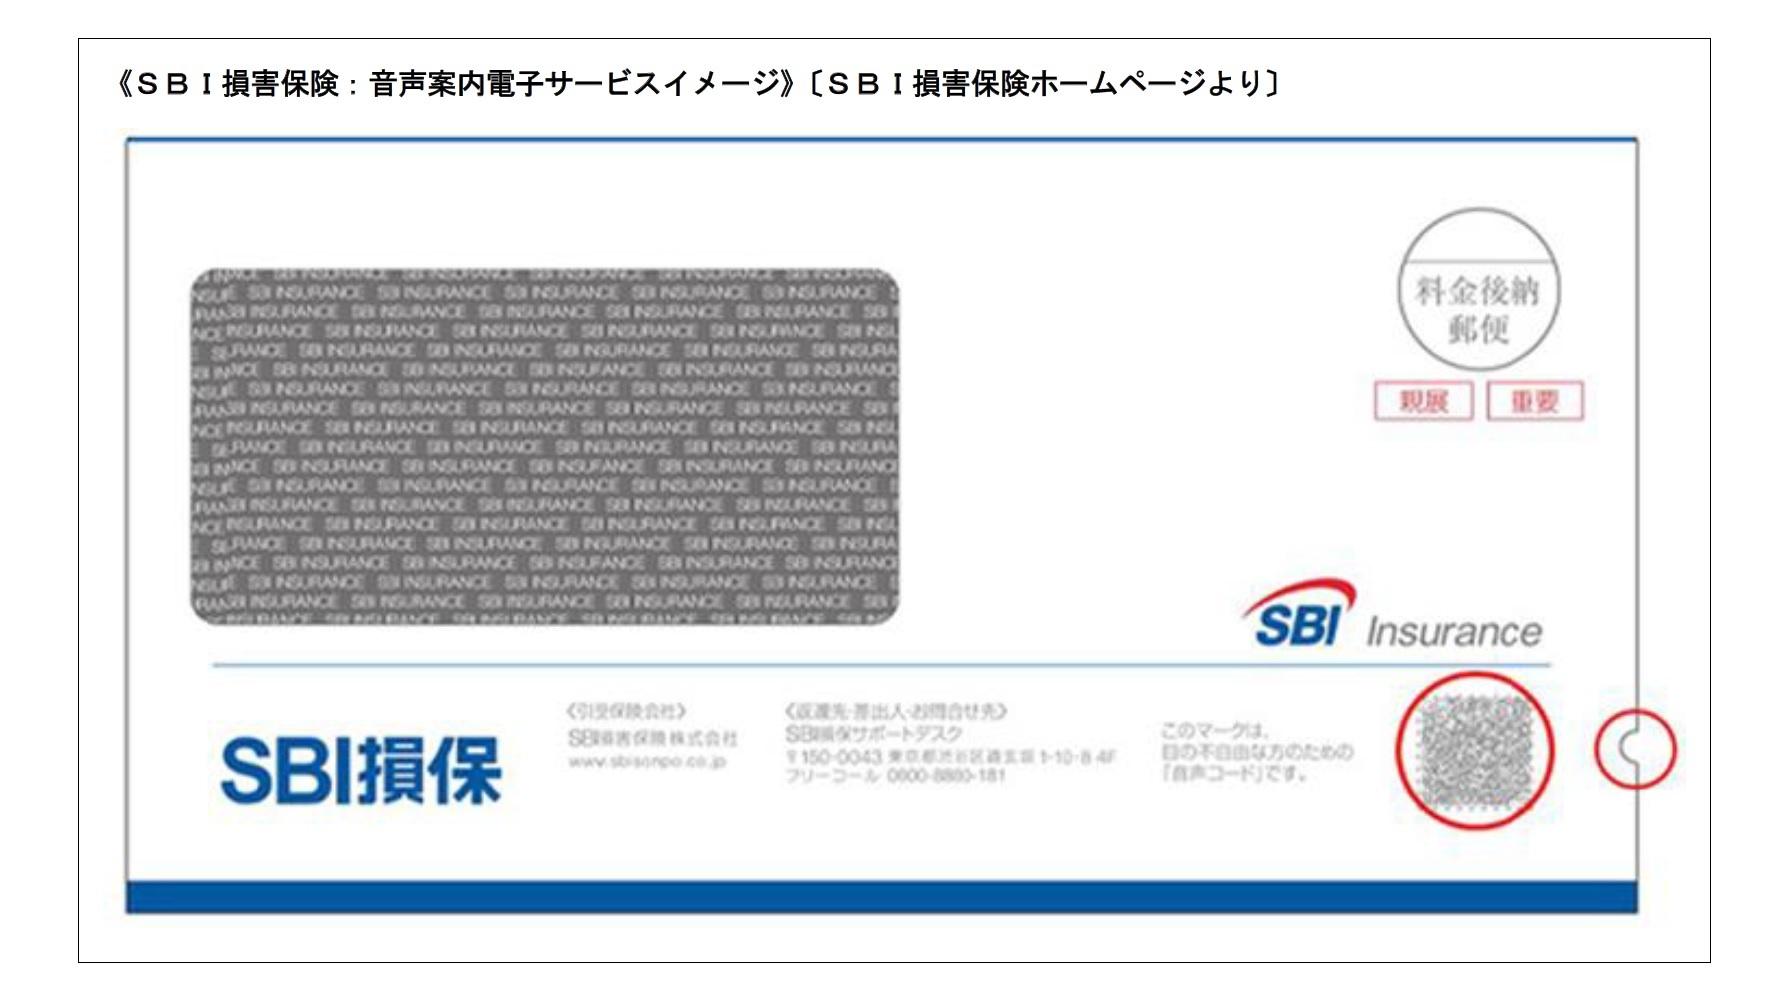 SBI損害保険:音声案内電子サービスイメージ